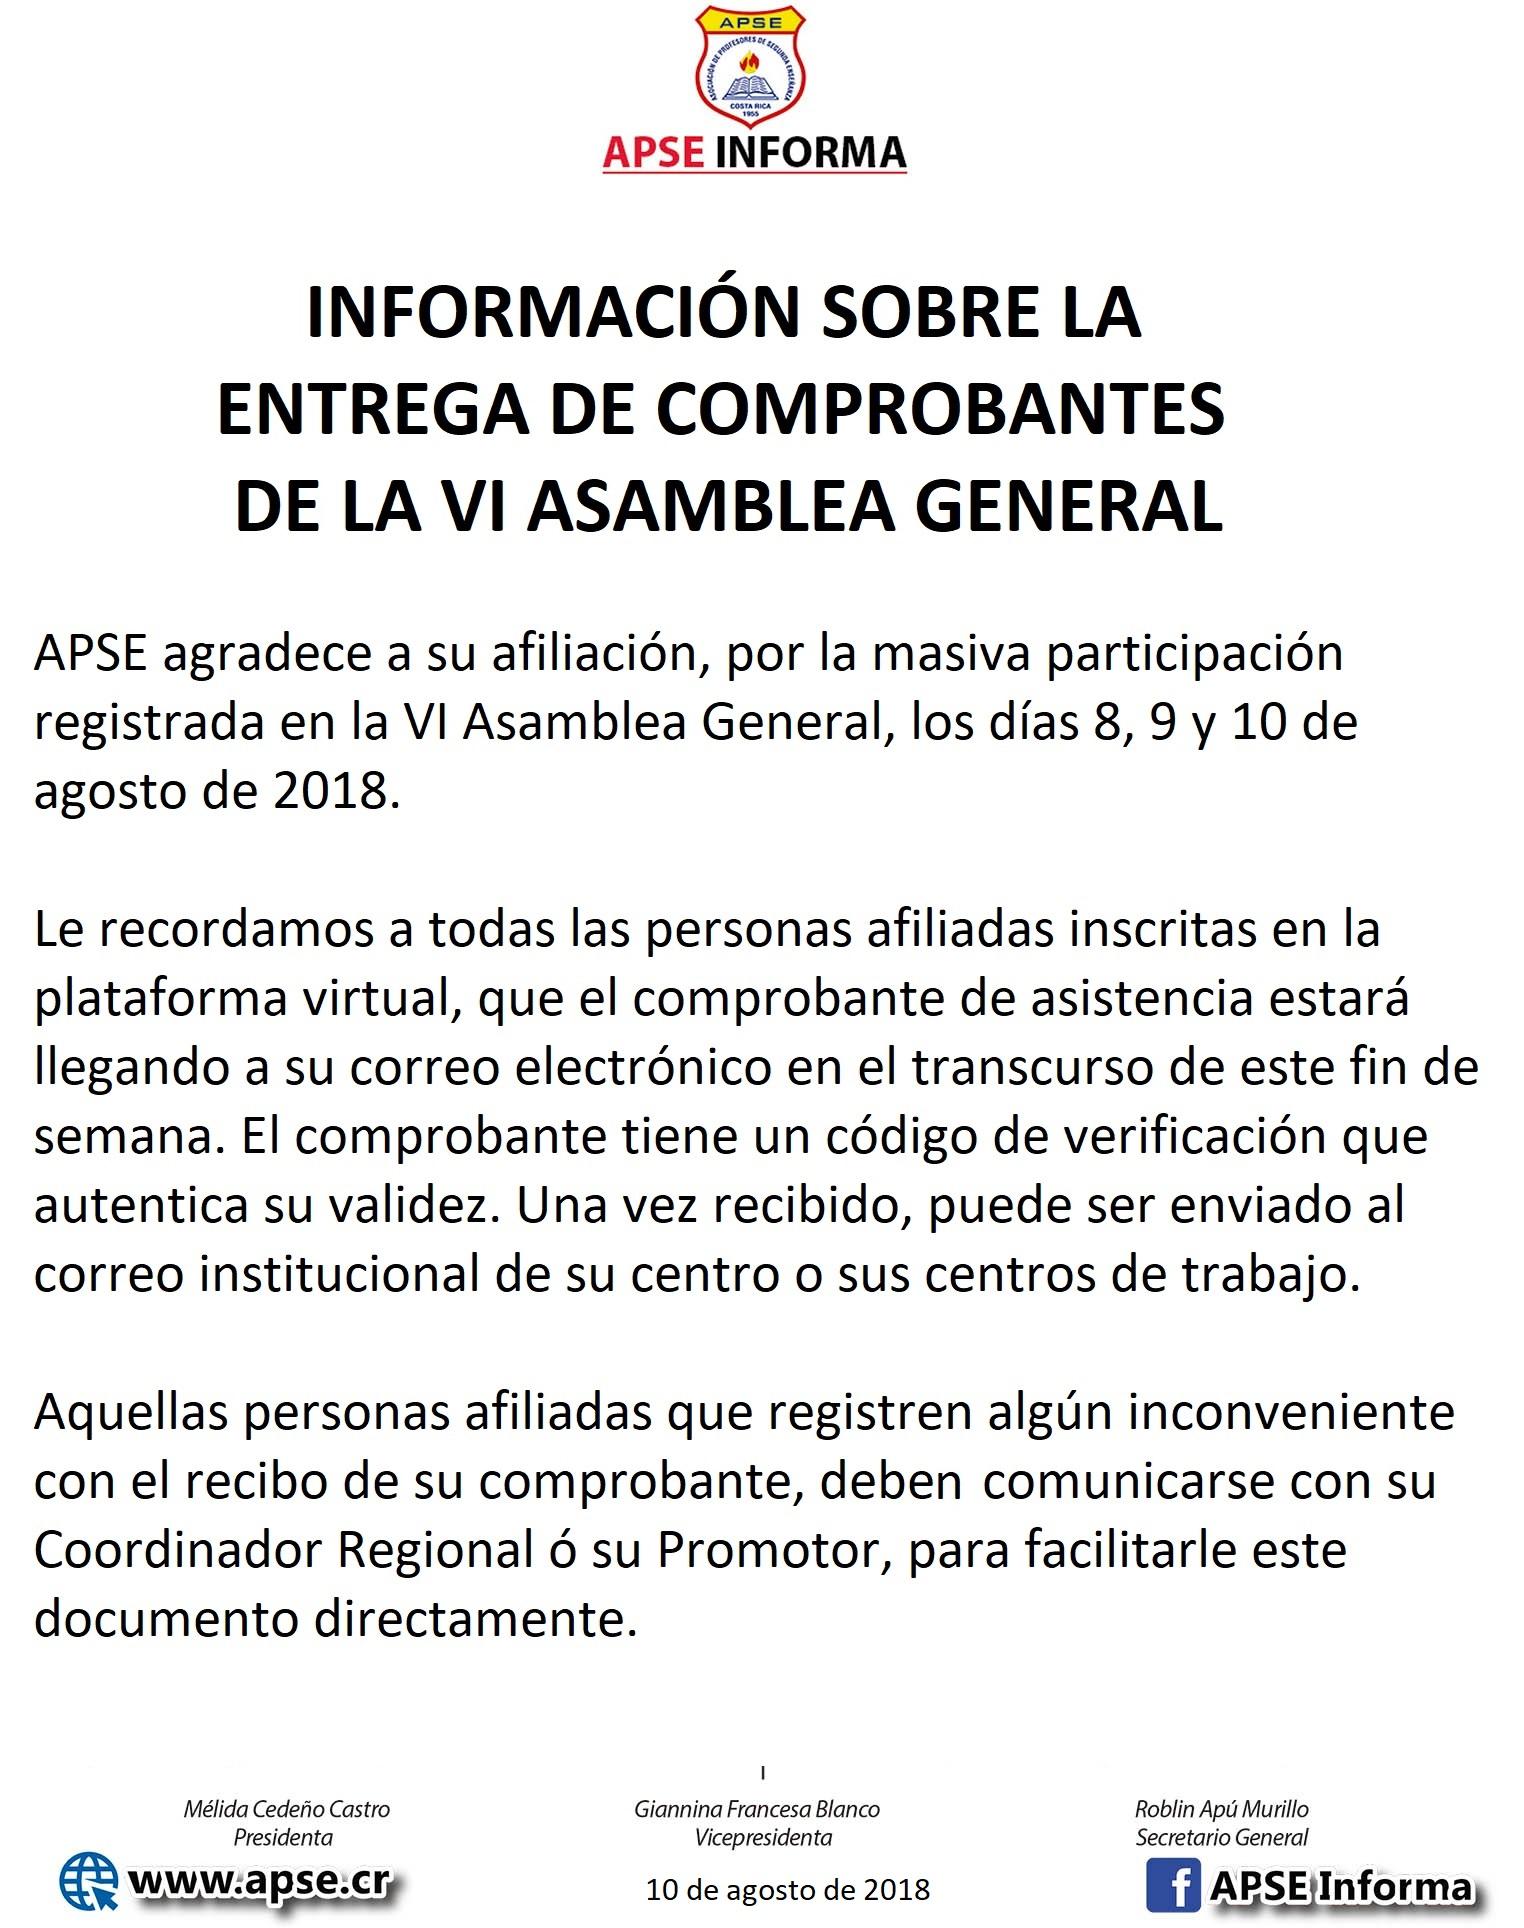 INFORMACIN SOBRE LA ENTREGA DE COMPROBANTES ASAMBLEA